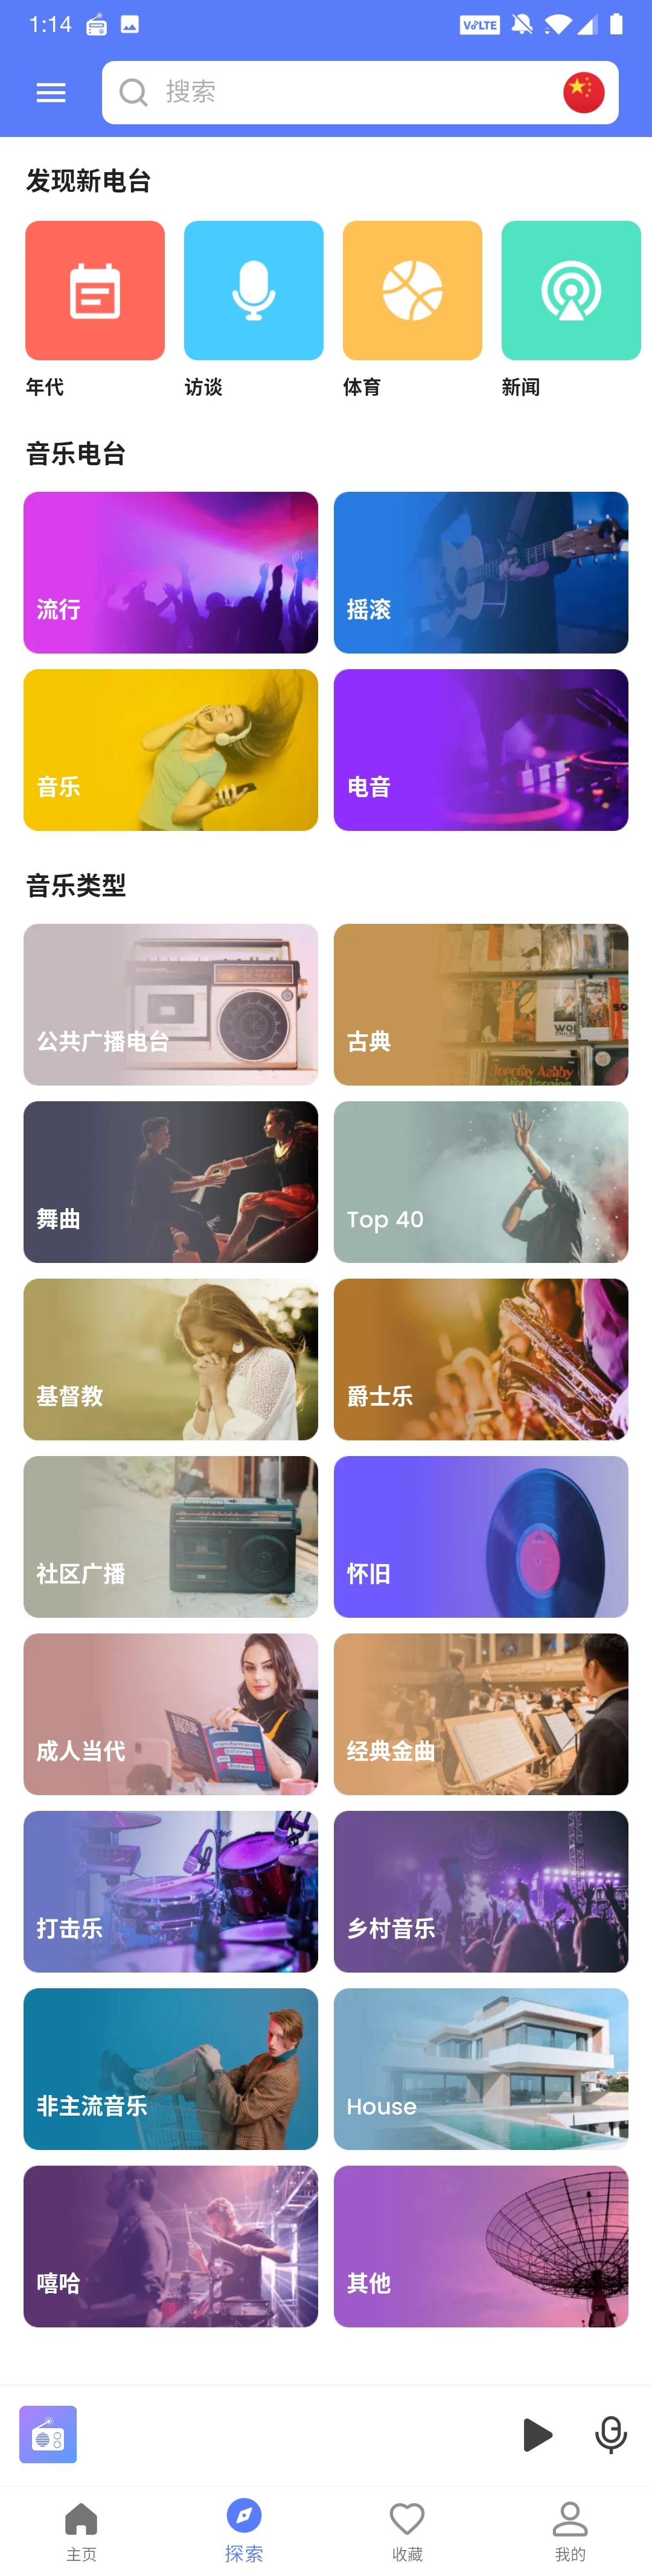 免费在线收听网络电台 MyRadio v1.0.77.0806插图1